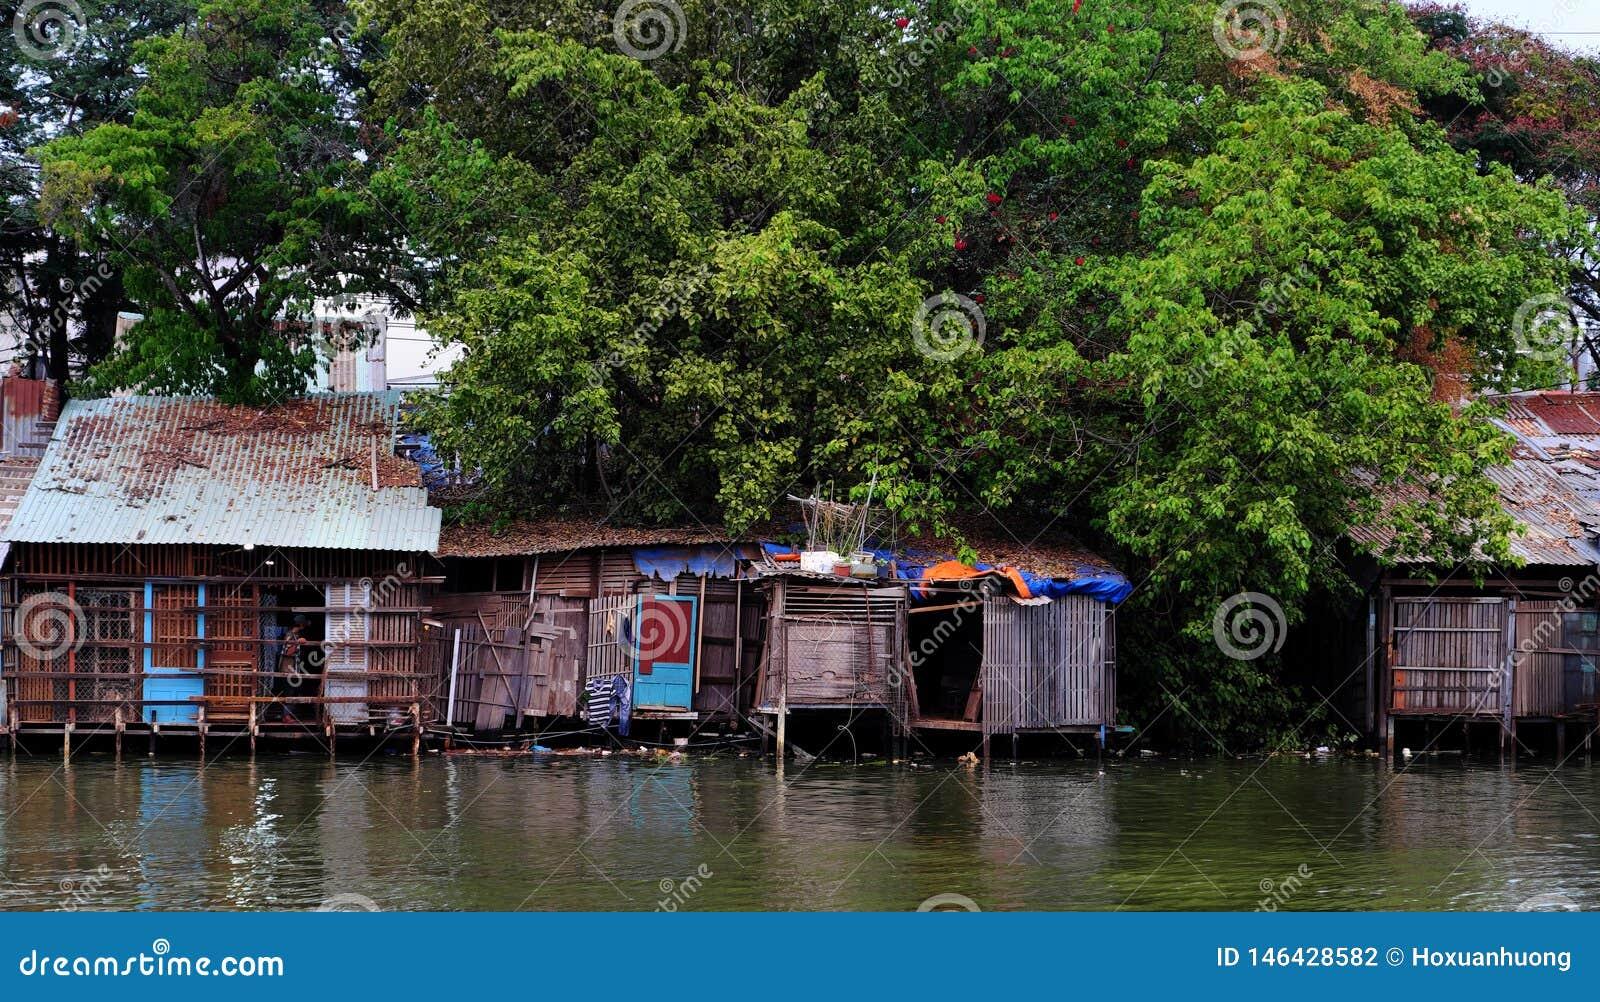 Der alte Flussufer degradieren Haus von gewölbter Blechtafel unter großem Baum